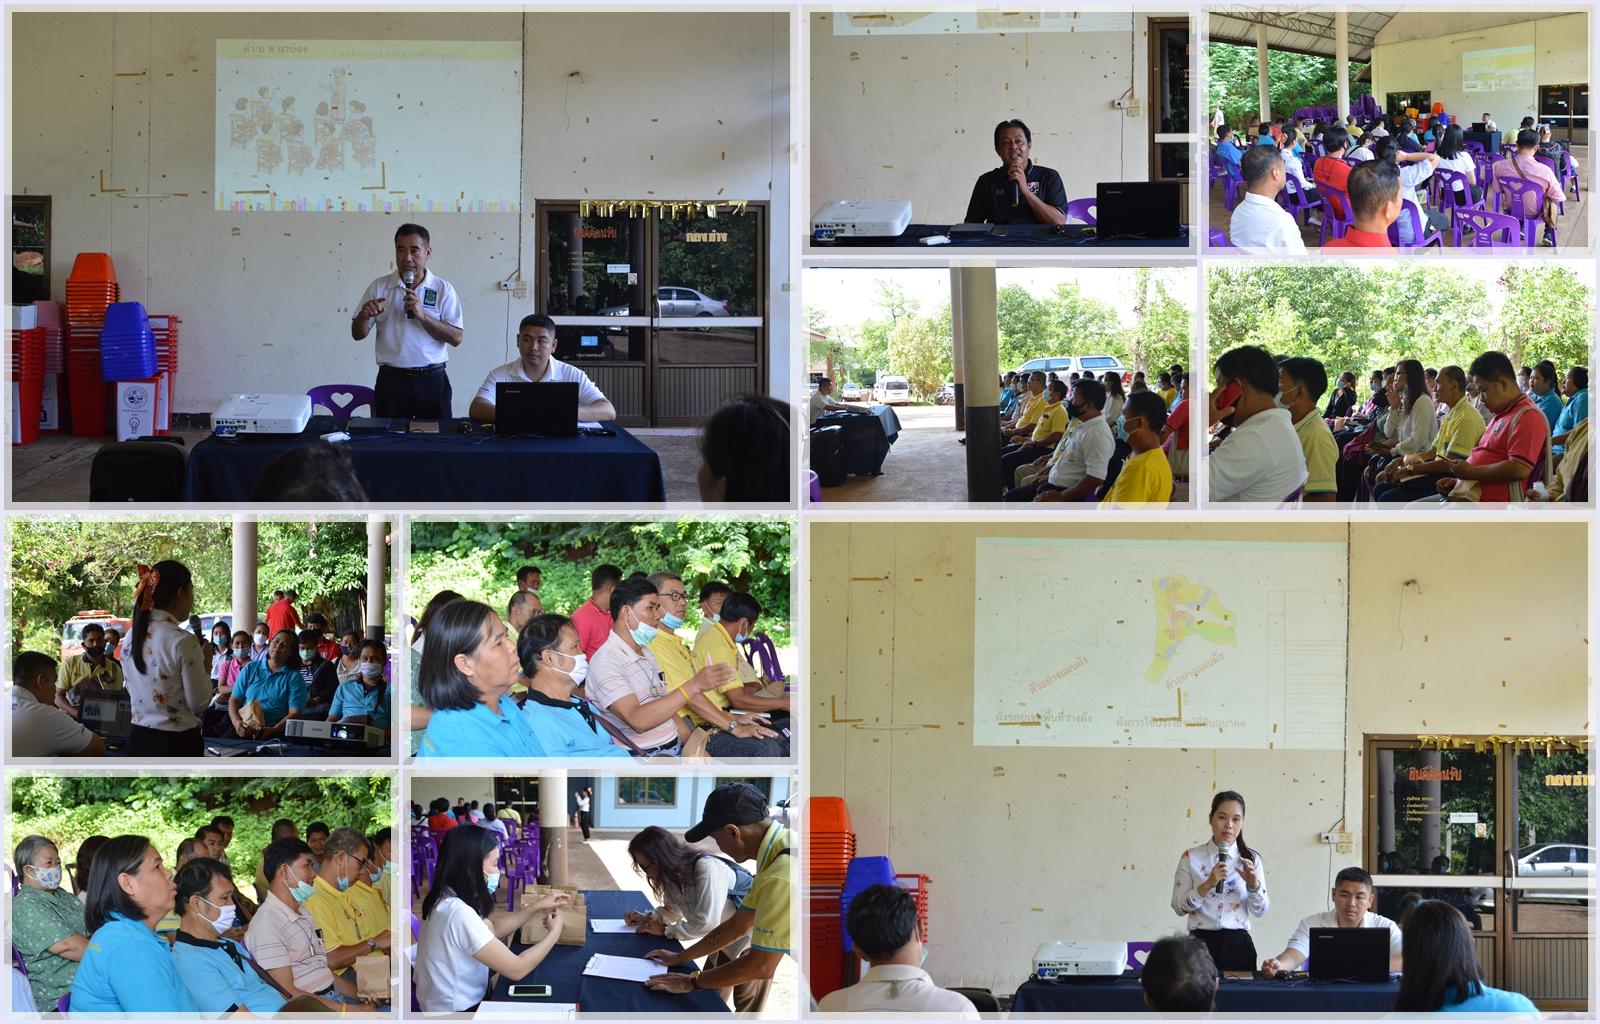 จัดประชุมประชาชนกลุ่มย่อยในเขตพื้นที่ตำบลผาบ่อง วันพฤหัสบดีที่ 10 กันยายน 2563